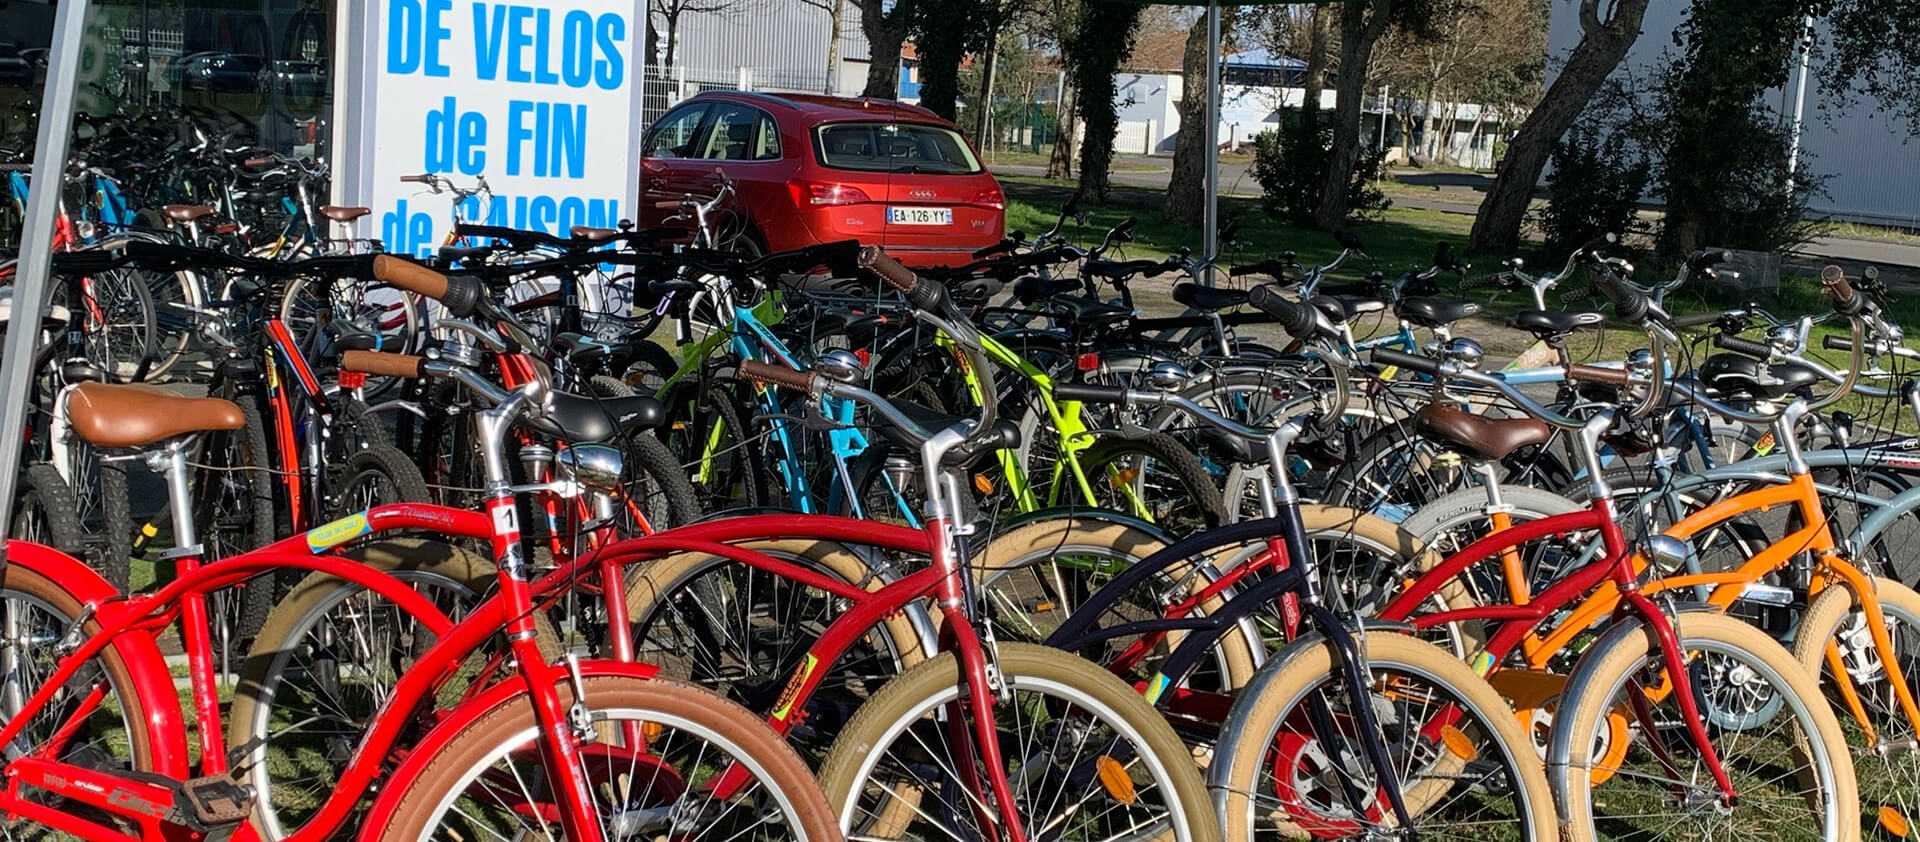 Vente de vélos de fin de saison à Vieux-Boucau